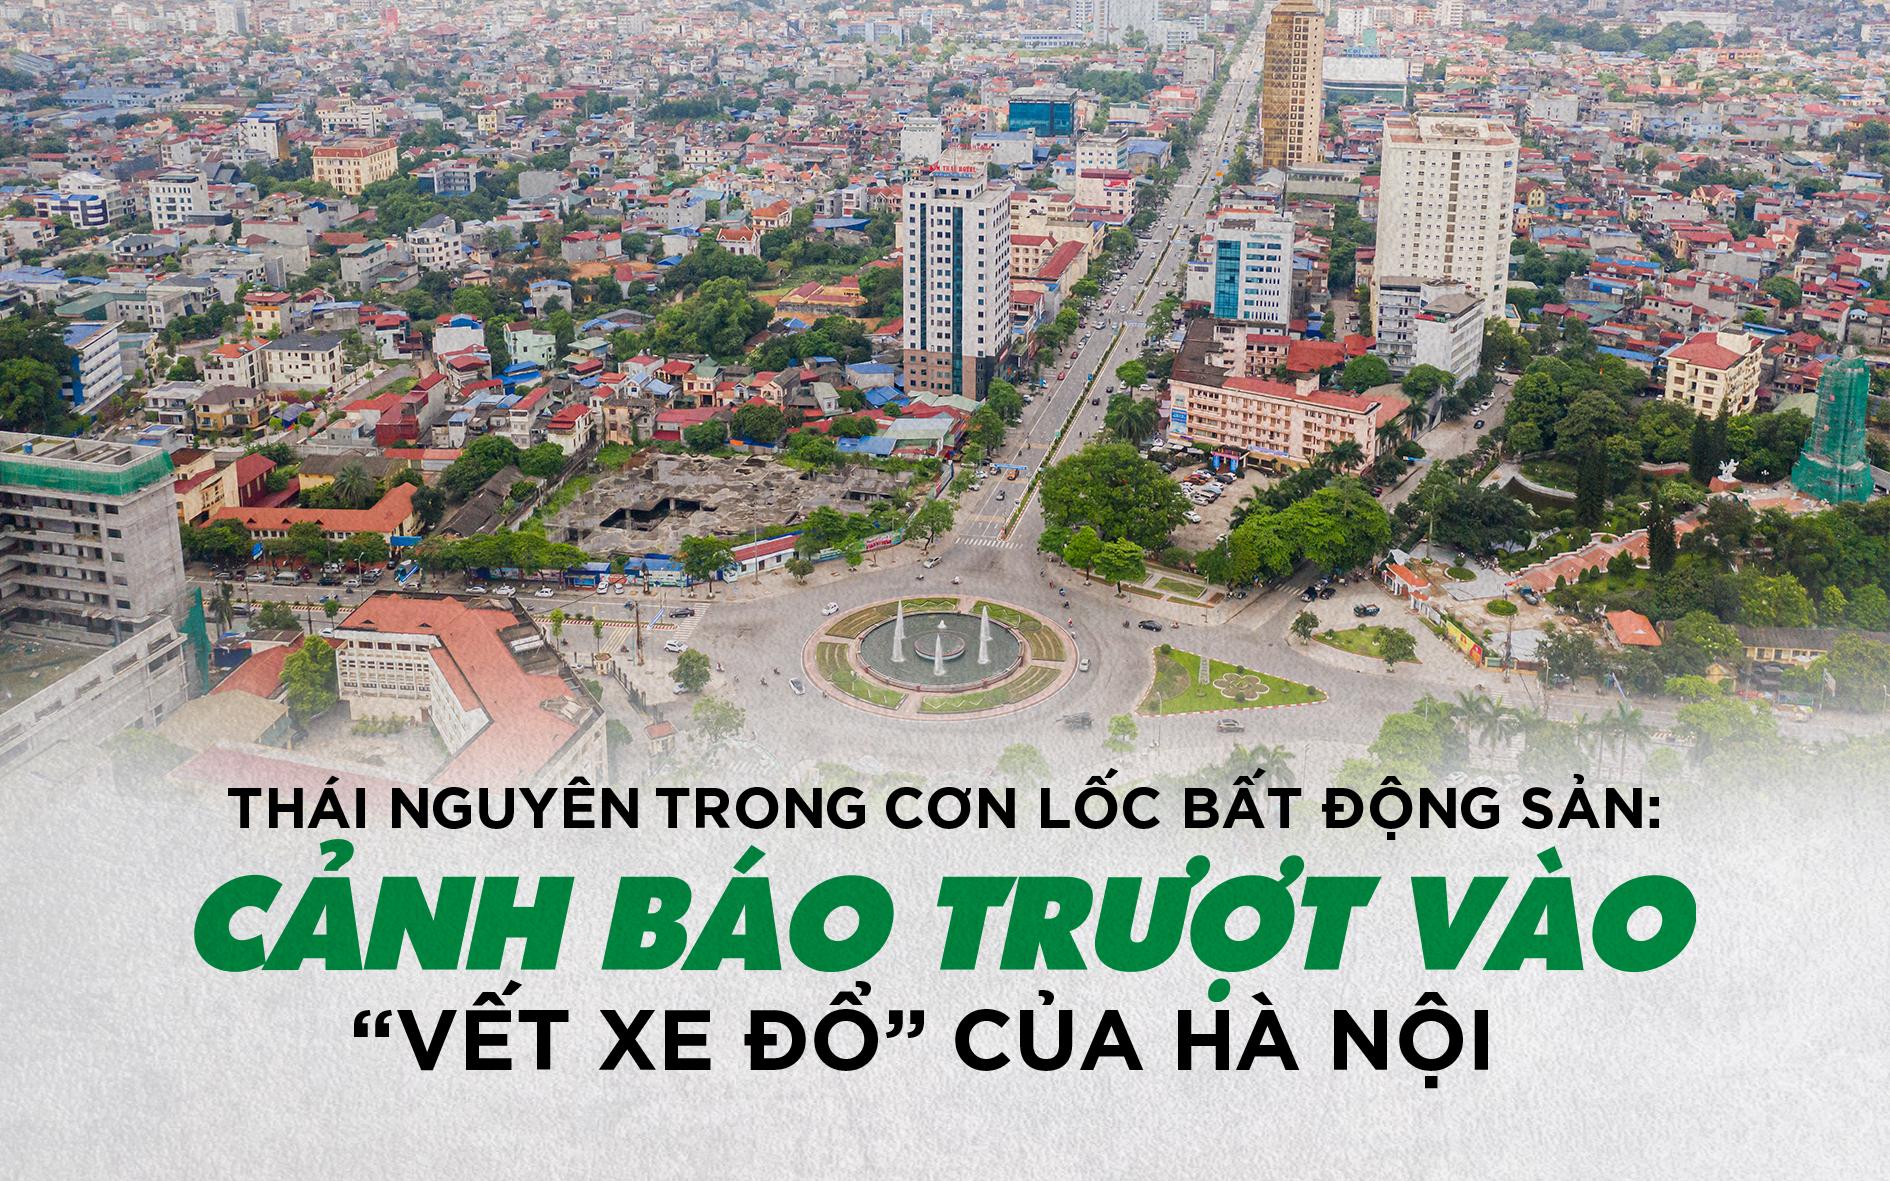 """Thái Nguyên trong cơn lốc BĐS: Cảnh báo trượt vào """"vết xe đổ"""" của Hà Nội"""